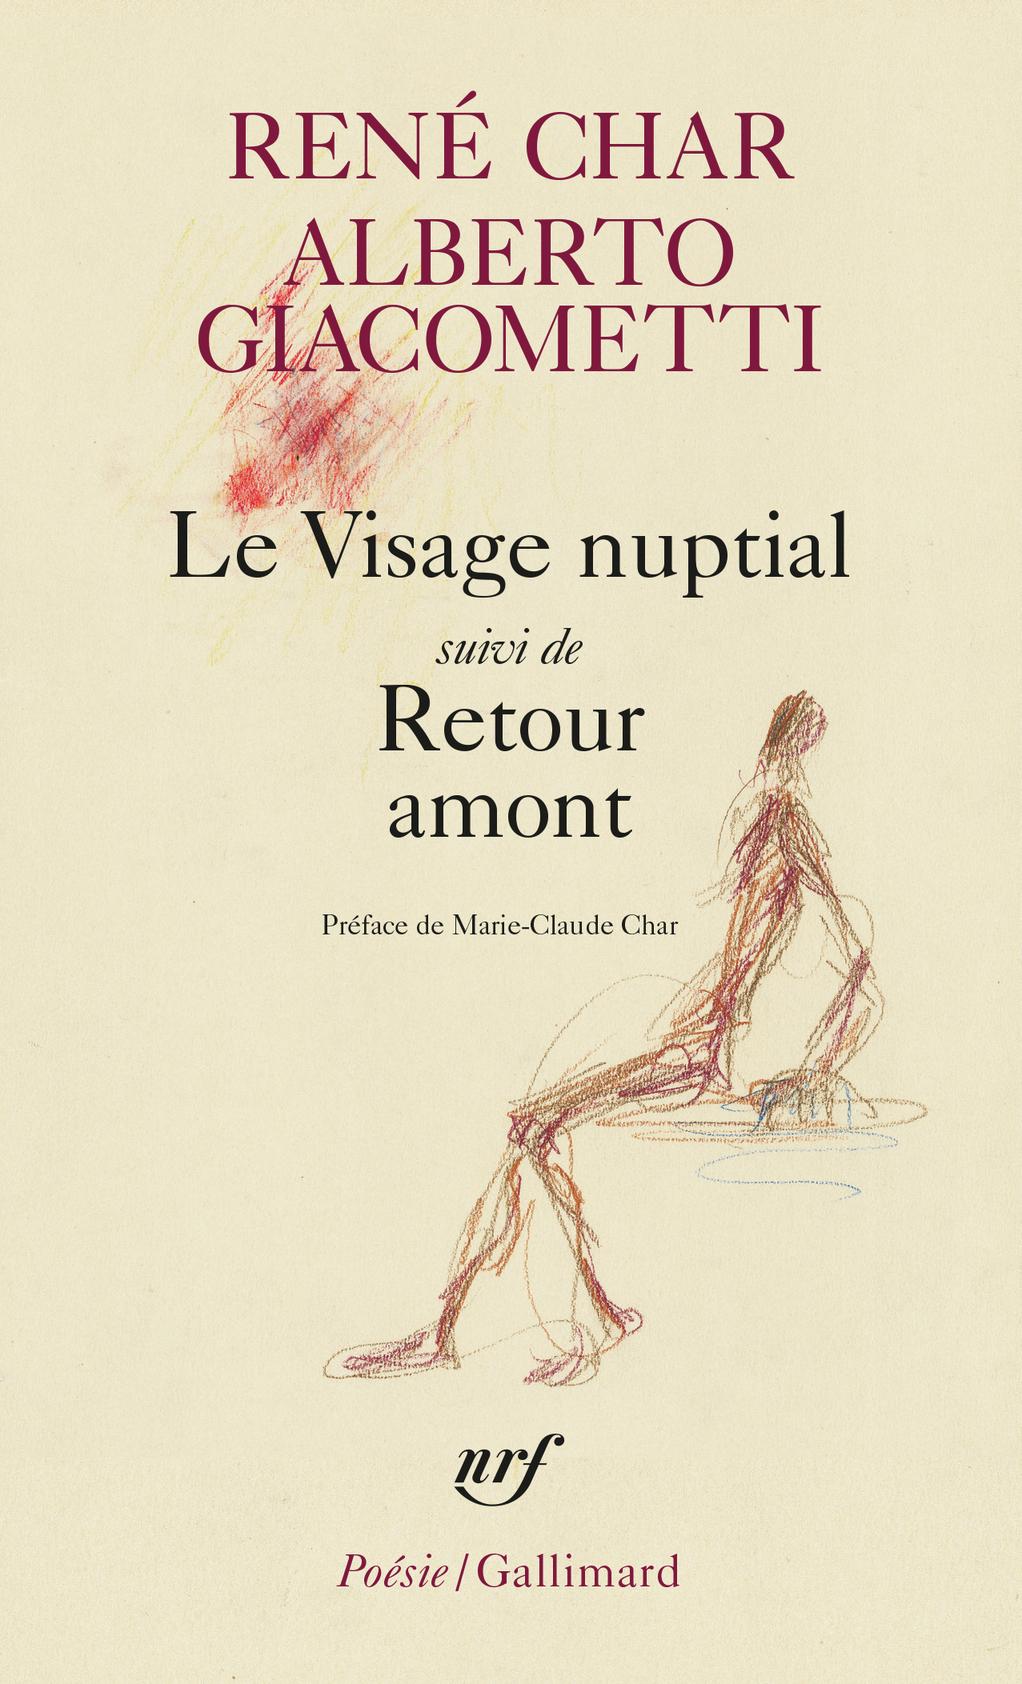 Char, Giacometti, Visage nuptial, suivi de Retour amont